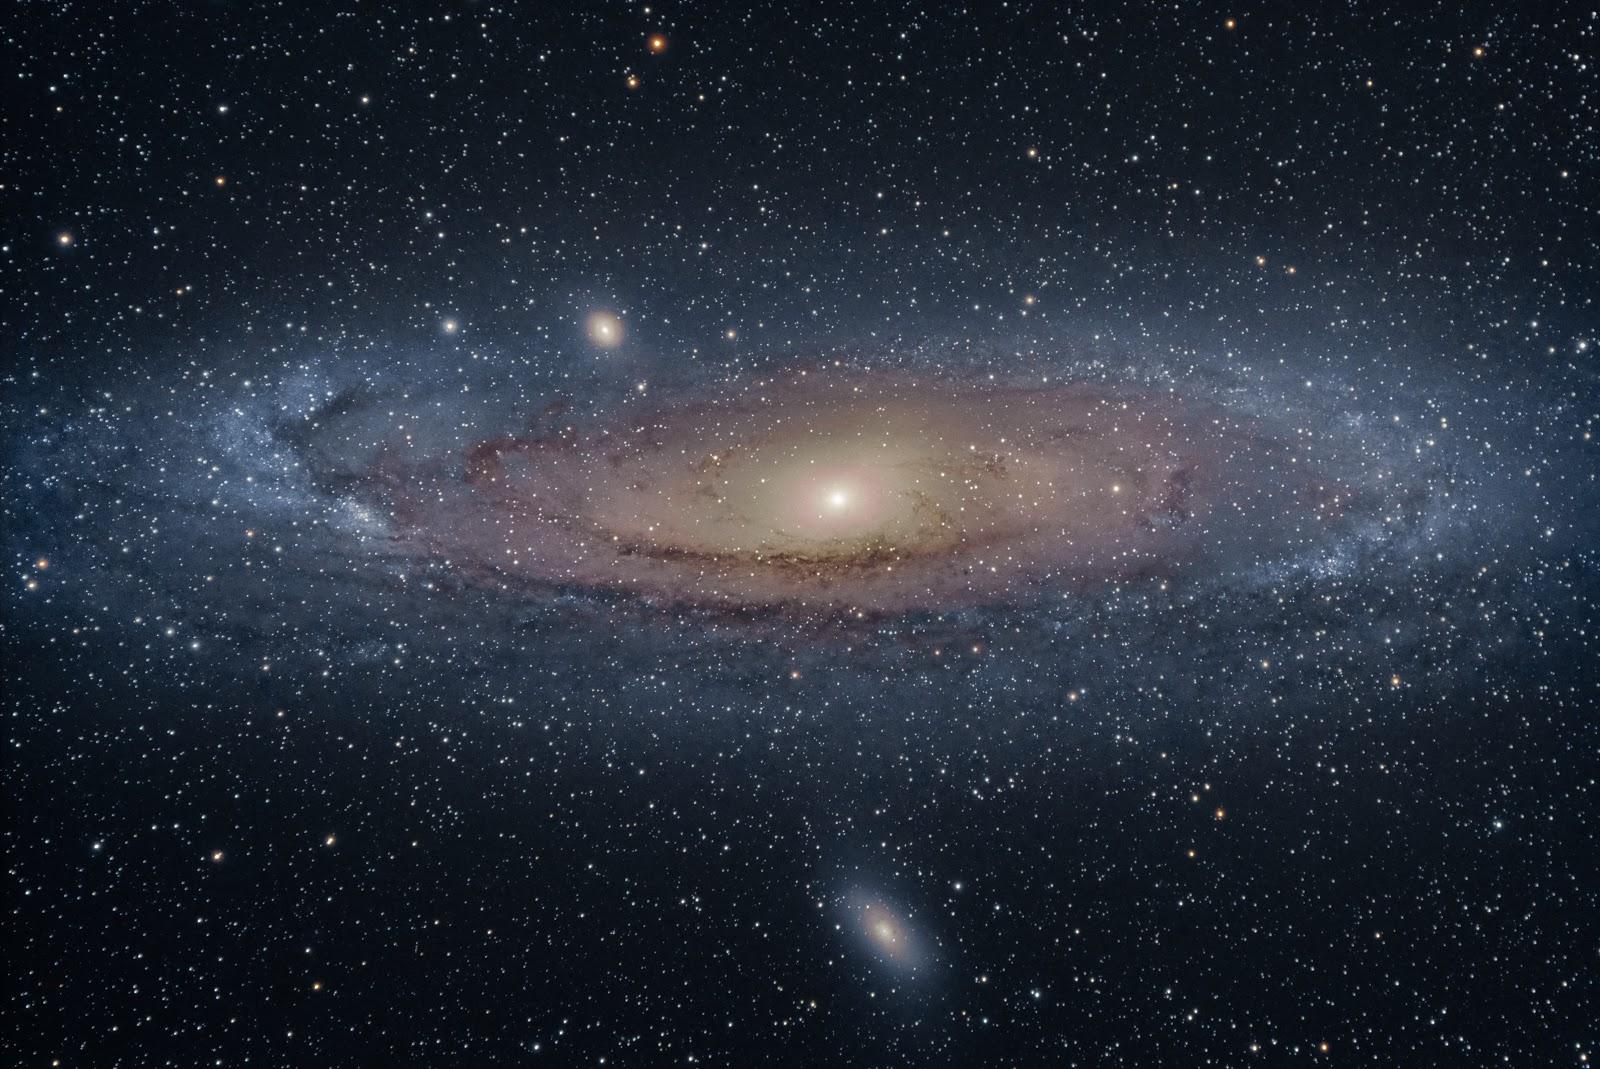 ... Andromeda Galaxy Free Download, Free Download Wallpaper, Andromeda